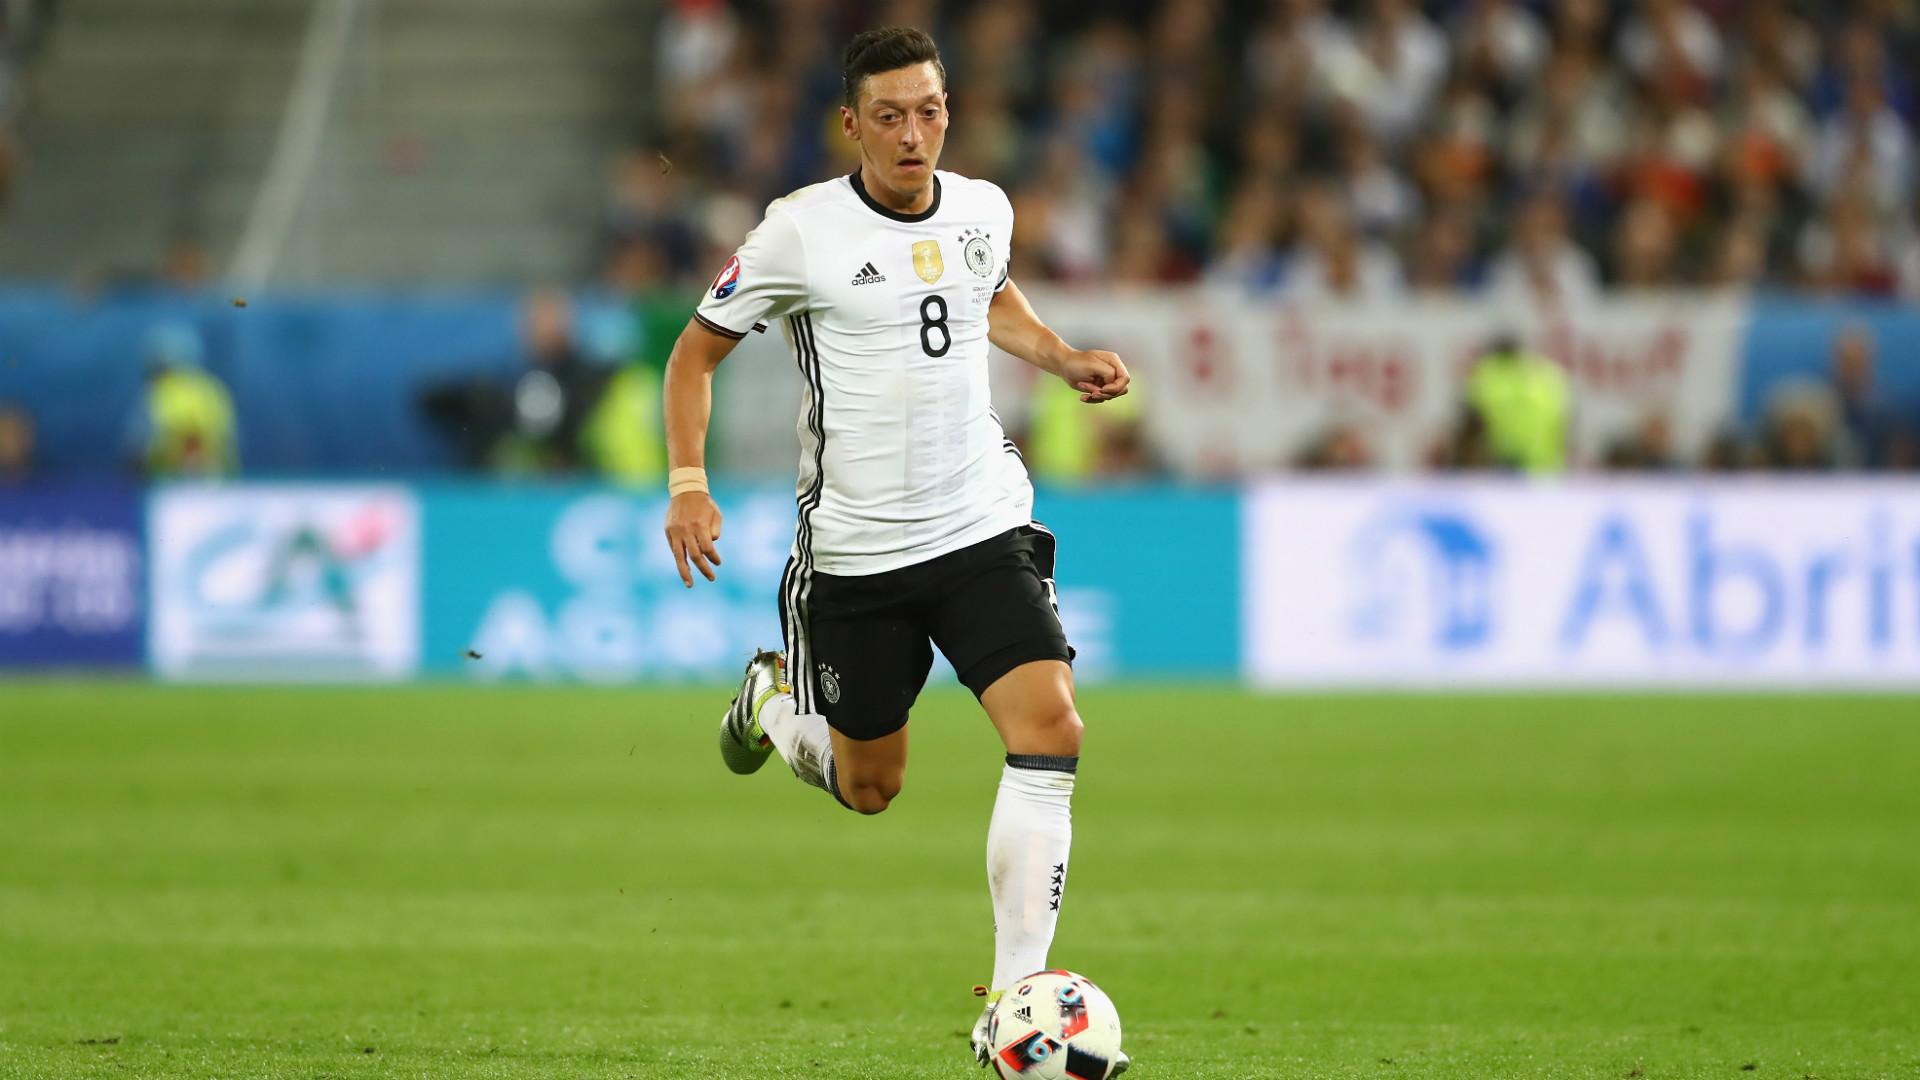 エジル、ファン投票でドイツ代表のユーロ最優秀選手に選出